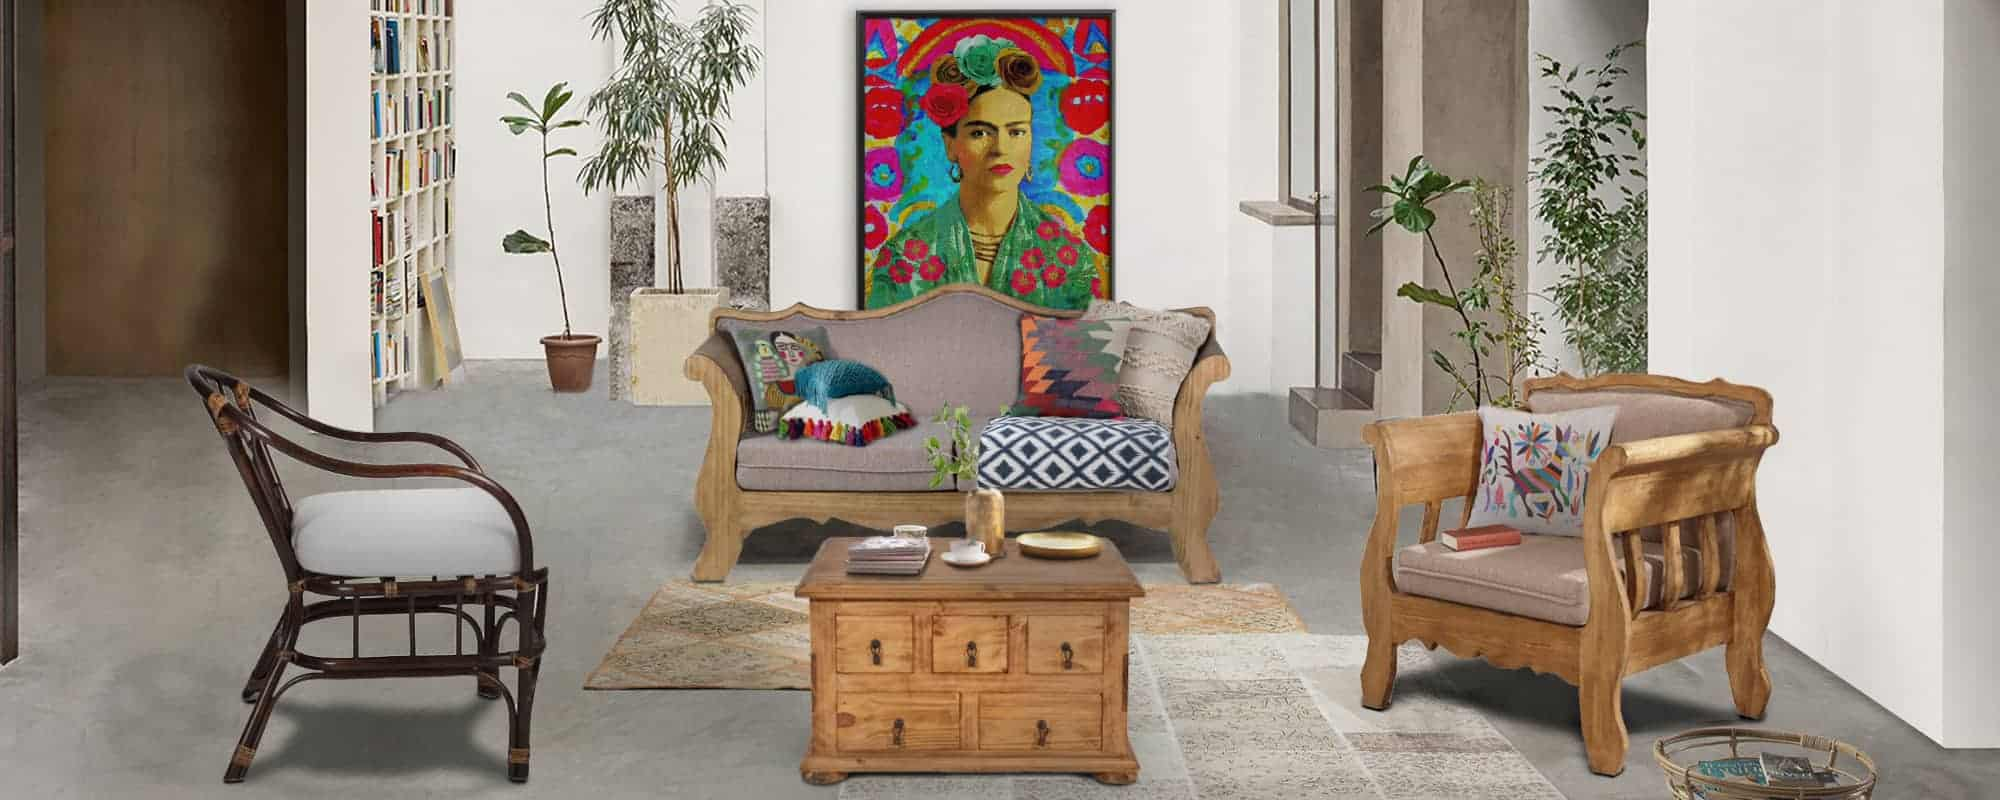 Full Size of Computerschrank Wohnzimmer Mexico Mbel Gnstig Online Kaufen Miambel Deckenleuchten Pendelleuchte Wandbild Teppich Indirekte Beleuchtung Schrankwand Tisch Wohnzimmer Computerschrank Wohnzimmer